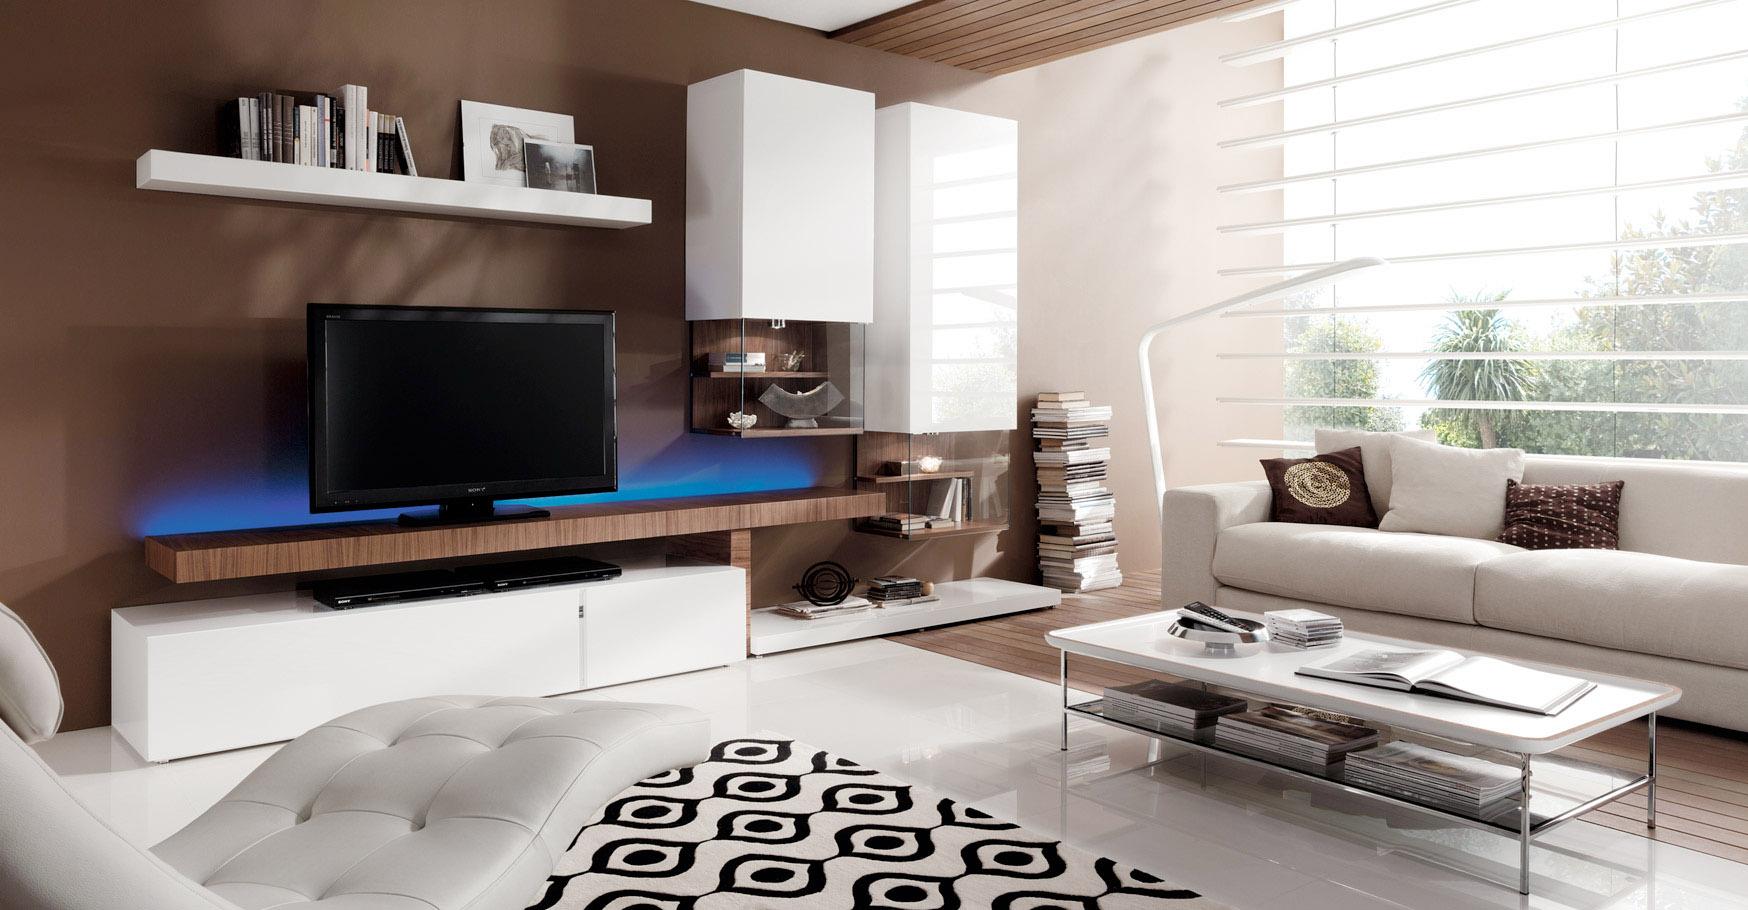 modulares de salon de estilo moderno (11)